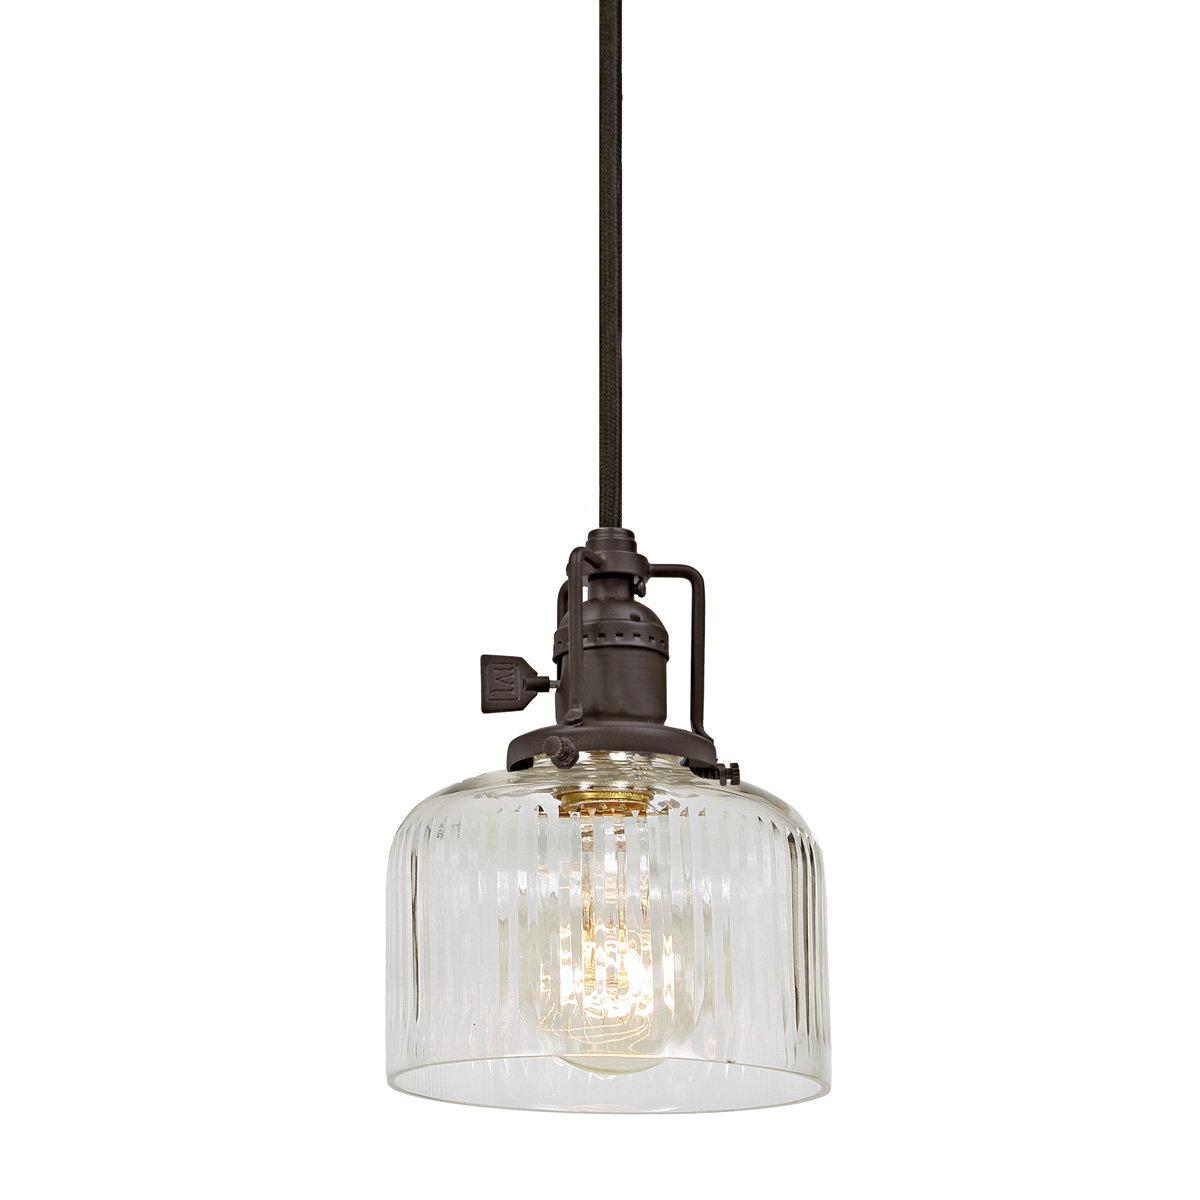 Shumway 1 Light Single Bell Pendant Within Latest Roslindale 1 Light Single Bell Pendants (View 16 of 20)